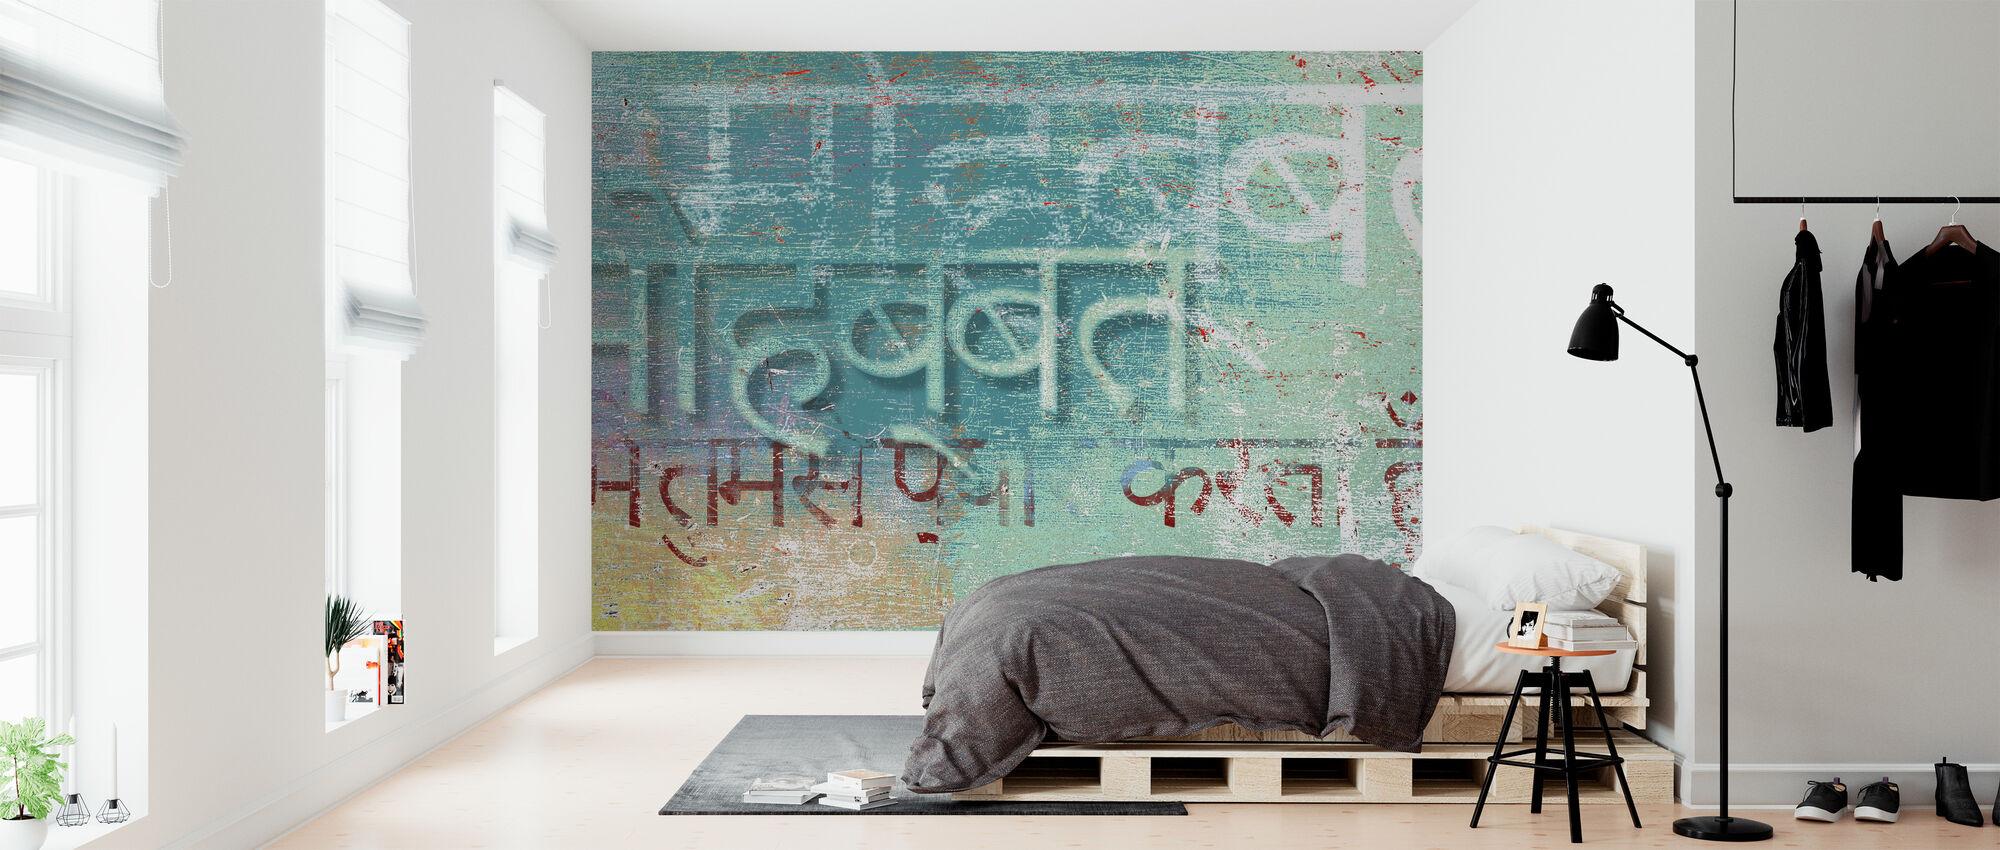 Hindi Abstract - Wallpaper - Bedroom